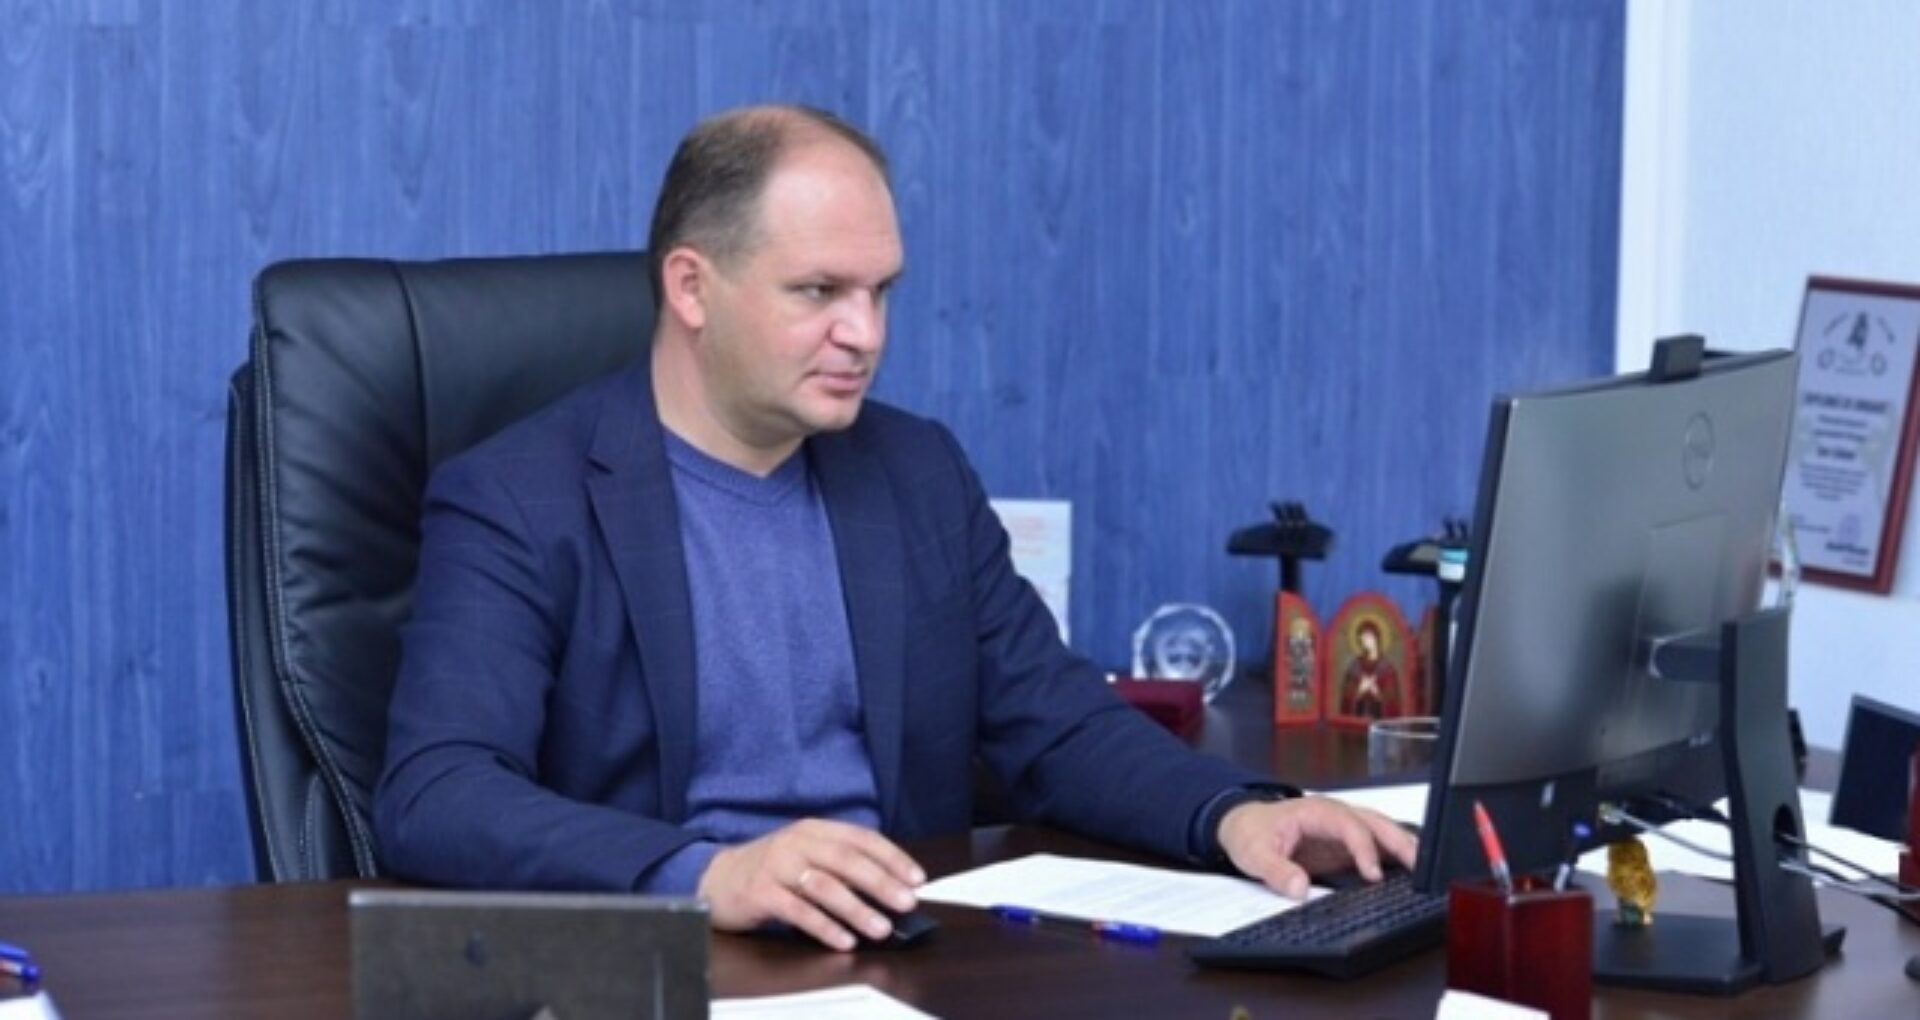 """VIDEO/ Ion Ceban: Am salariu de 18.000 de lei. Unii consilieri primesc 26.000 de lei pentru că fac """"mușchi la fălci"""""""